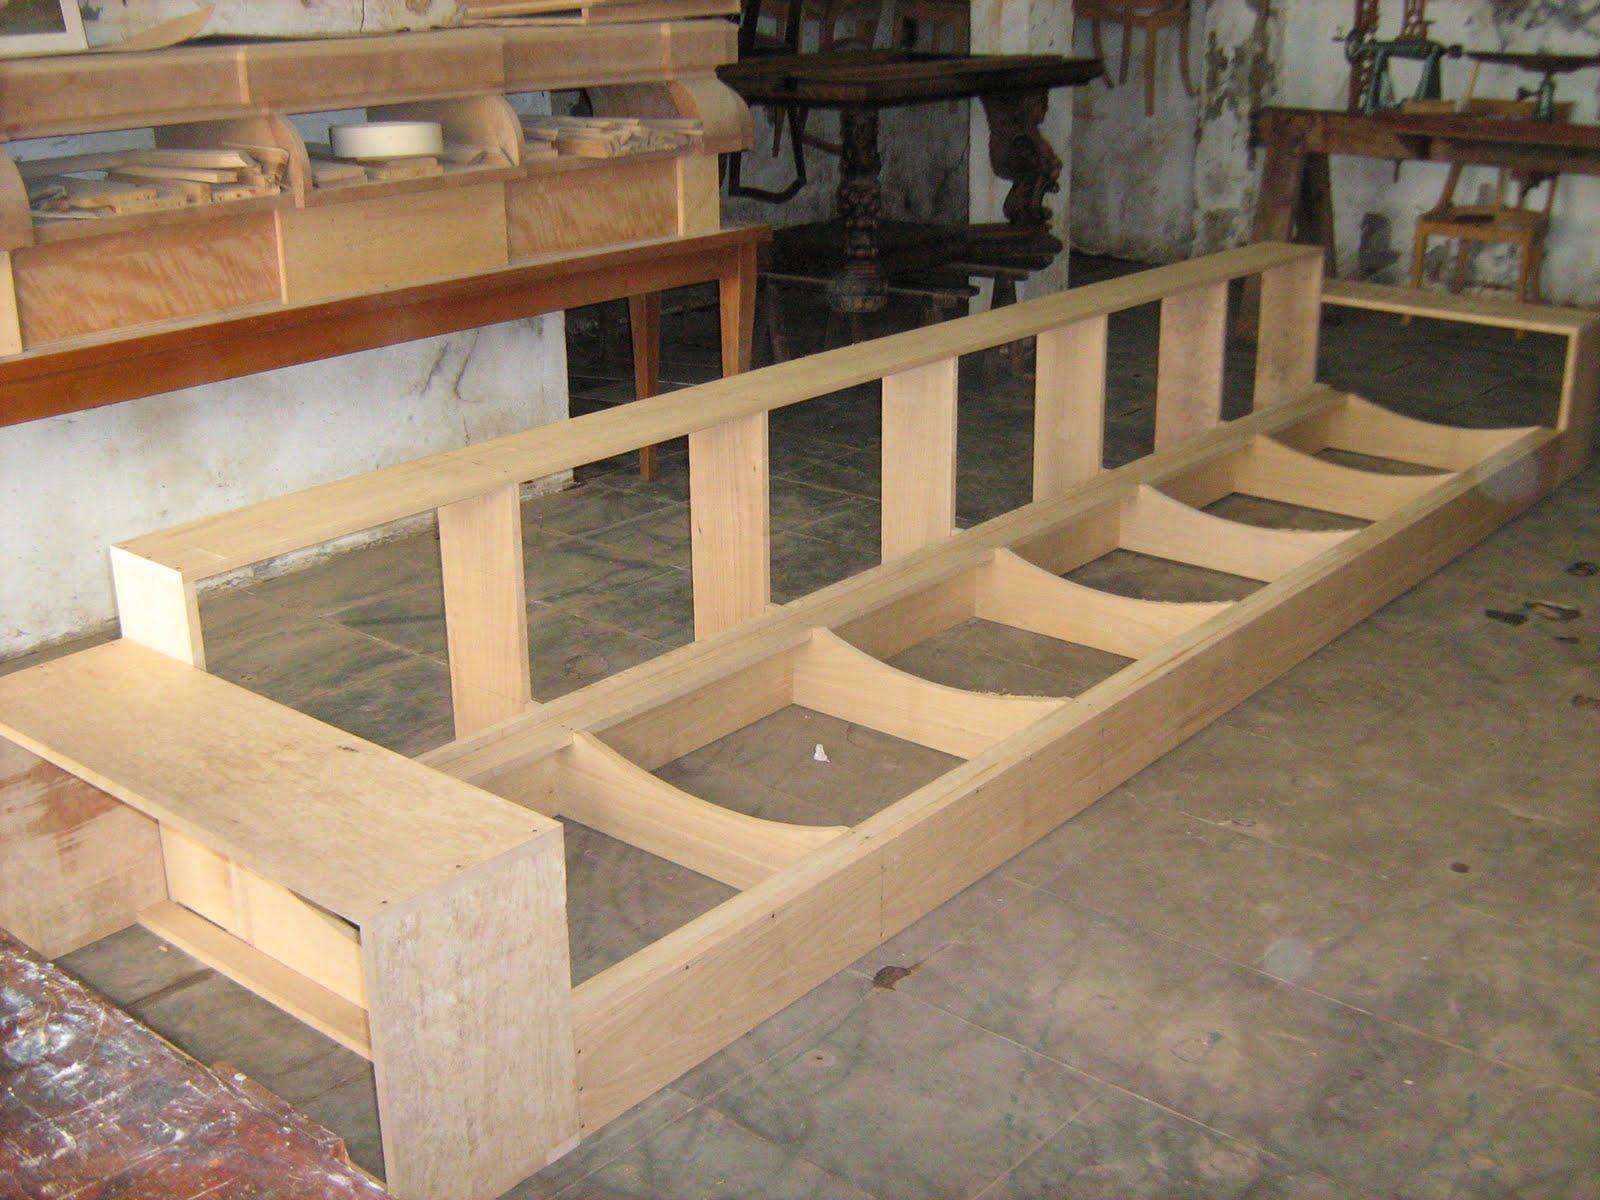 #956C36 terça feira 31 de agosto de 2010 1600x1200 px como fazer mesa de madeira que vira banco @ bernauer.info Móveis Antigos Novos E Usados Online